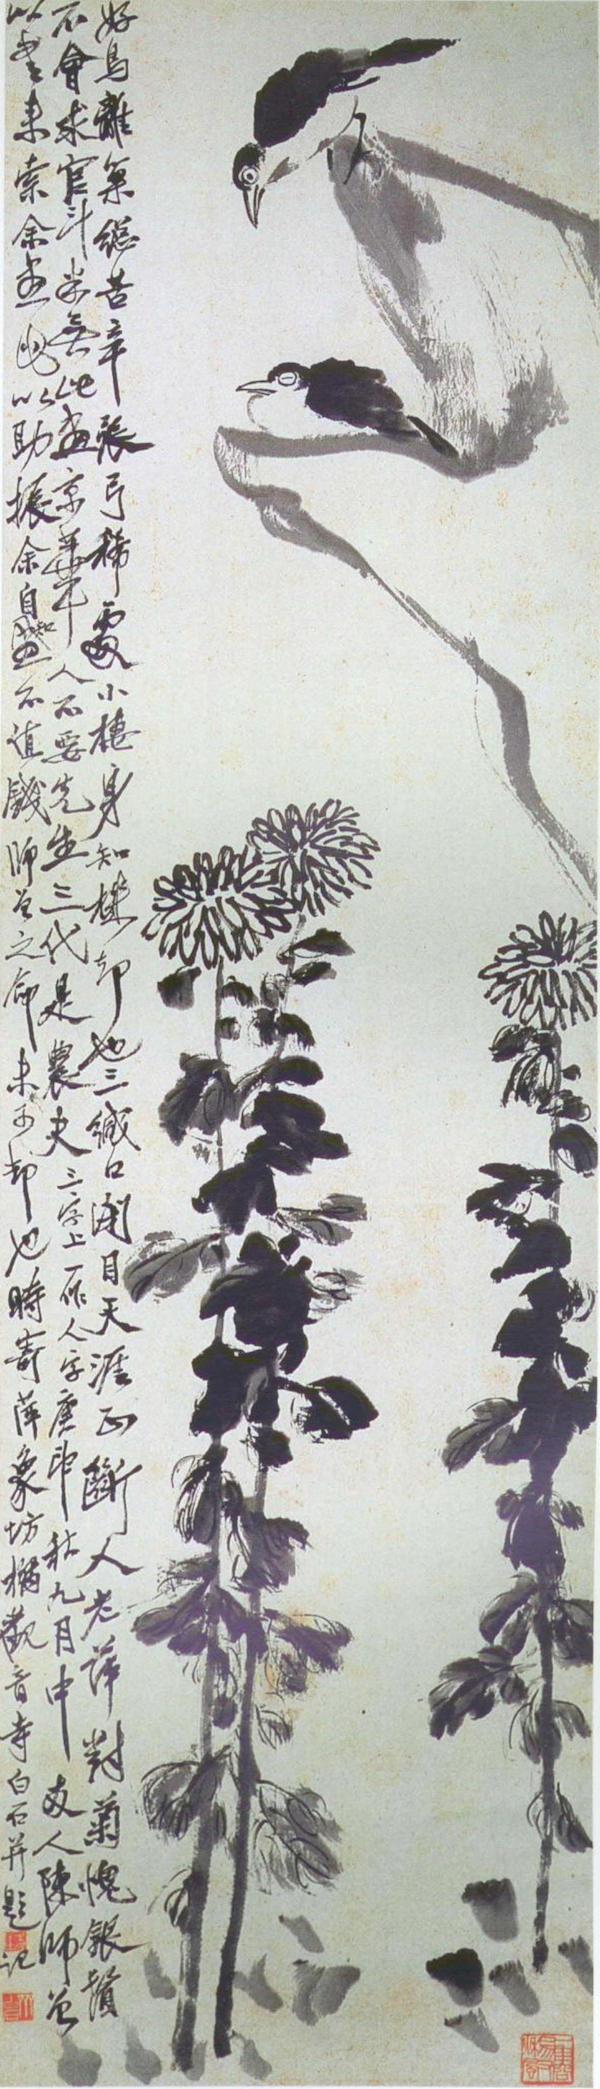 (图十三齐白石,《菊鸟图》,纸本,1920年,中央美术学院藏)